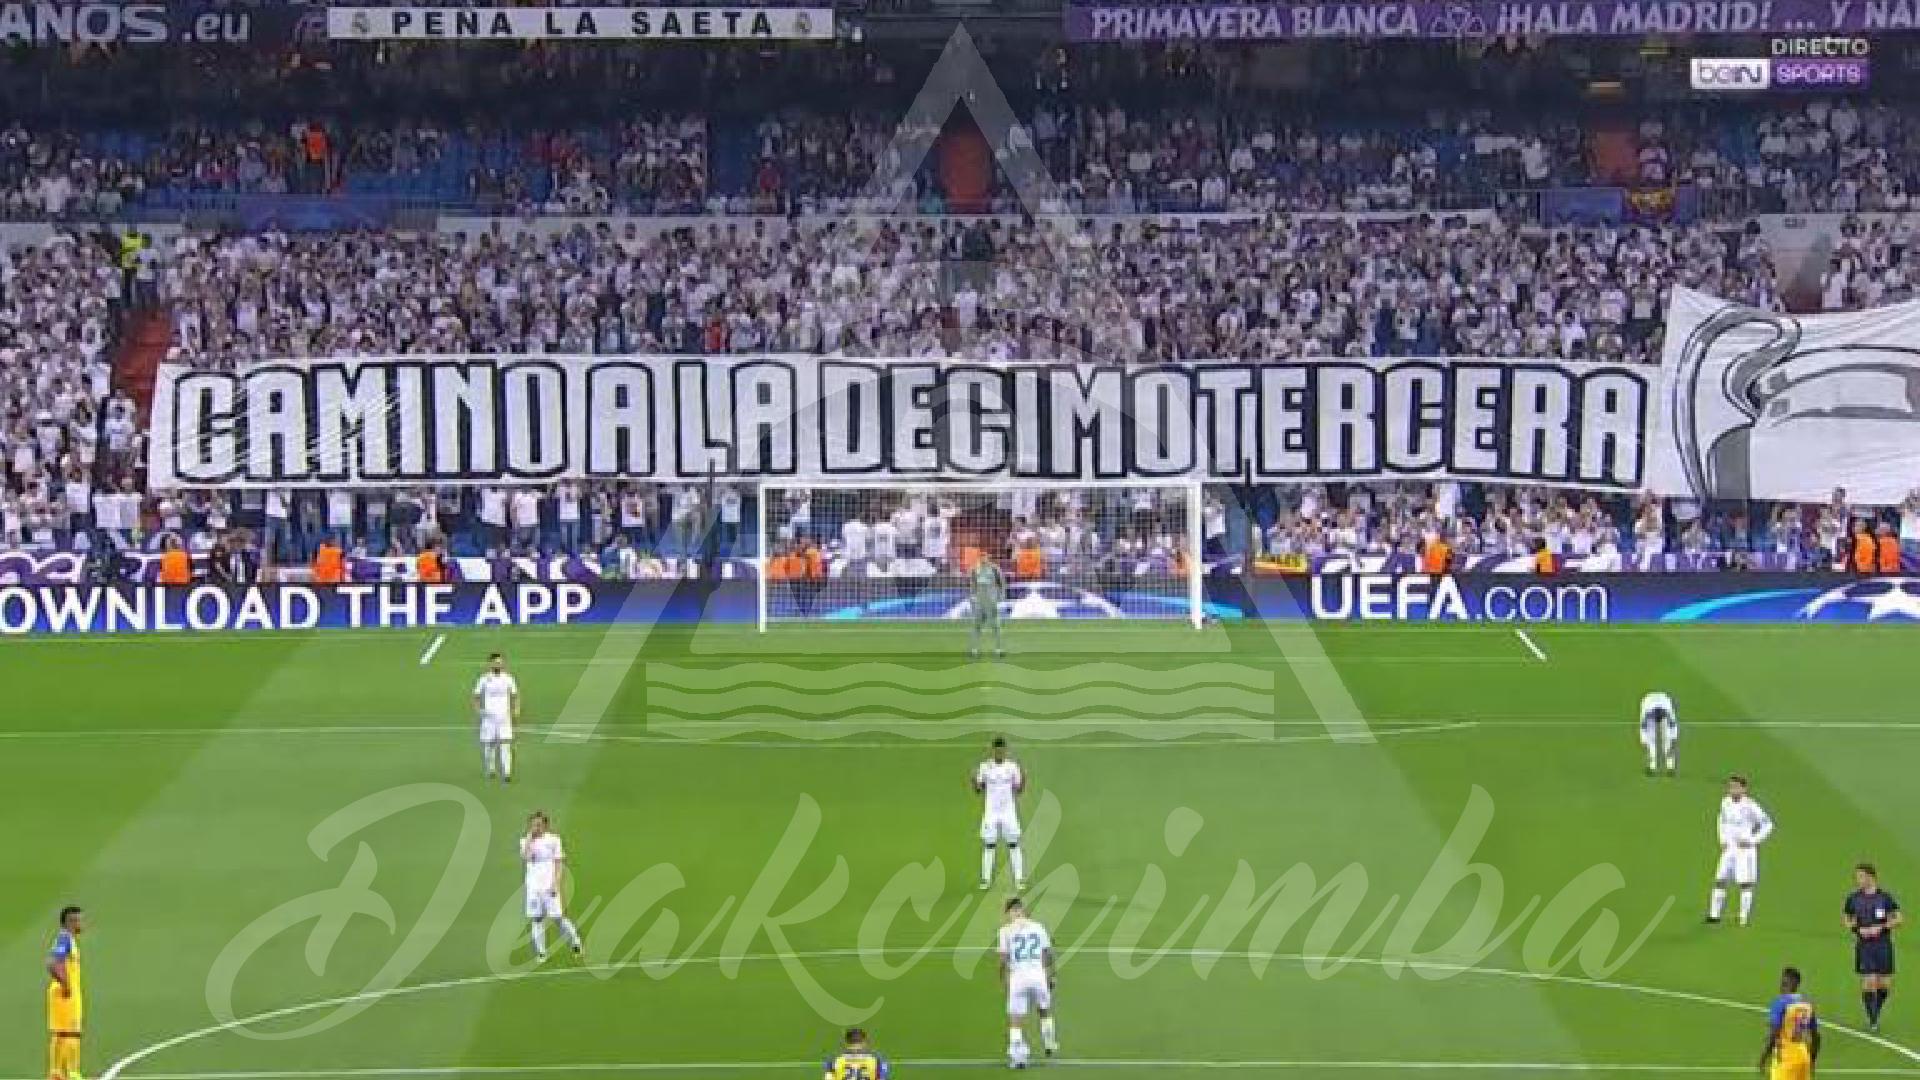 """pancarta con el lema """"Camino a la decimotercera"""""""